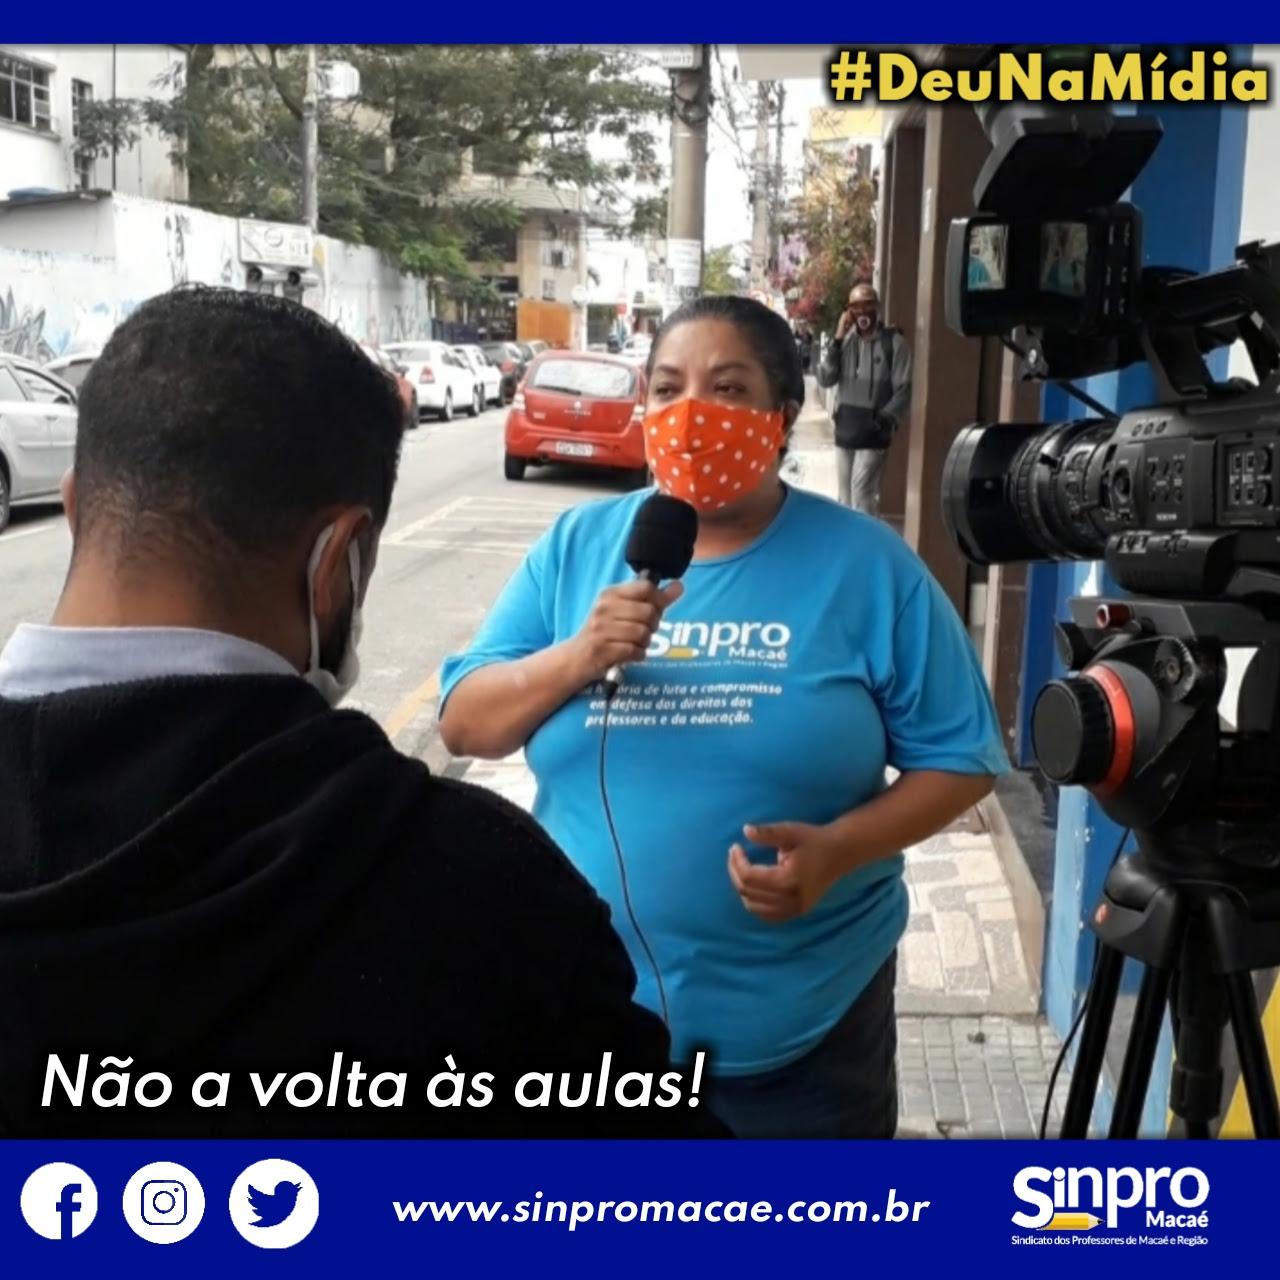 Professora Guilhermina Rocha, presidente do Sinpro Macaé e Região, em entrevista com a TV Record.